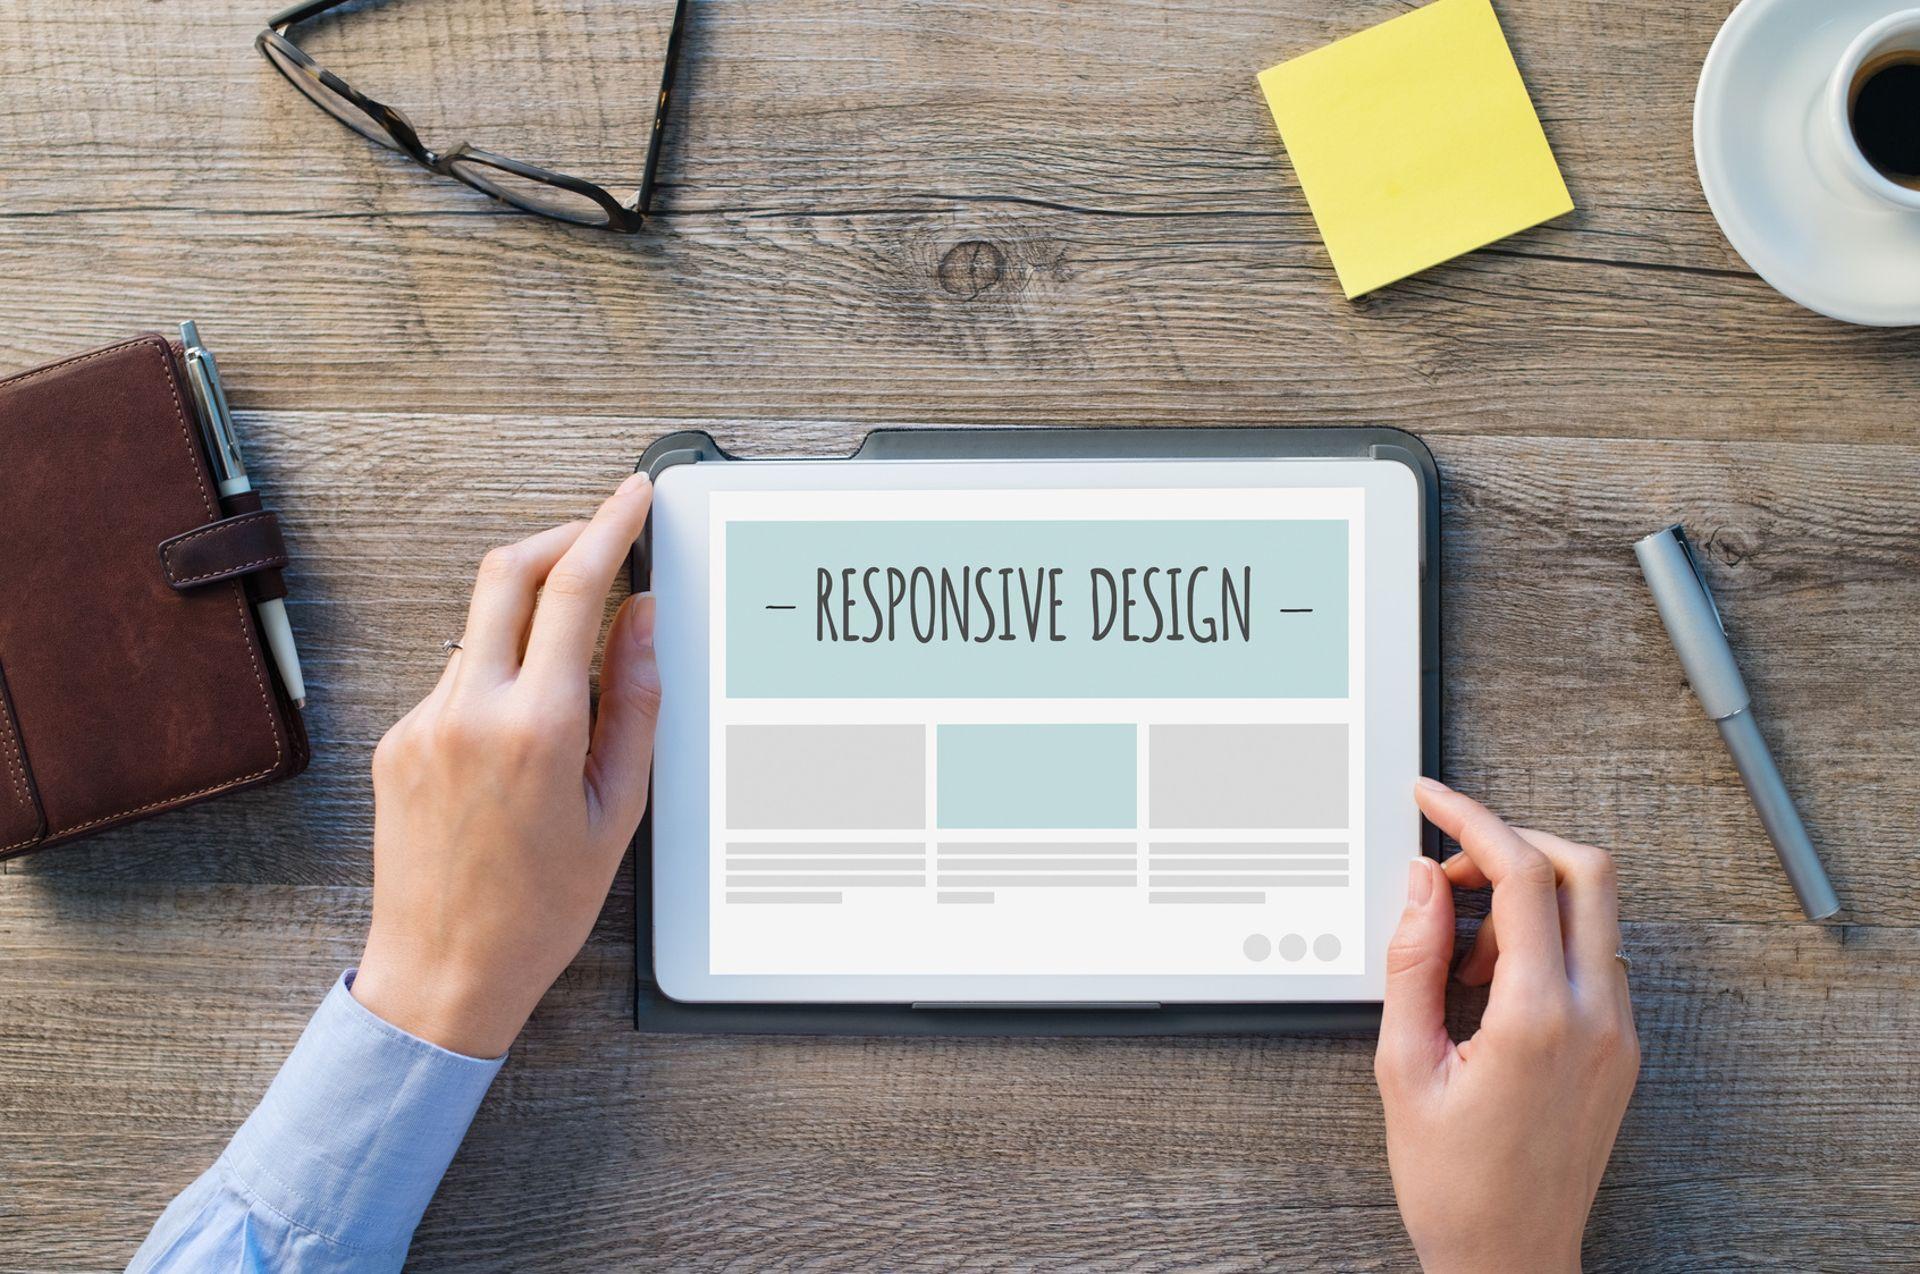 Opciones de diseño responsive web en Sant Joan Despí